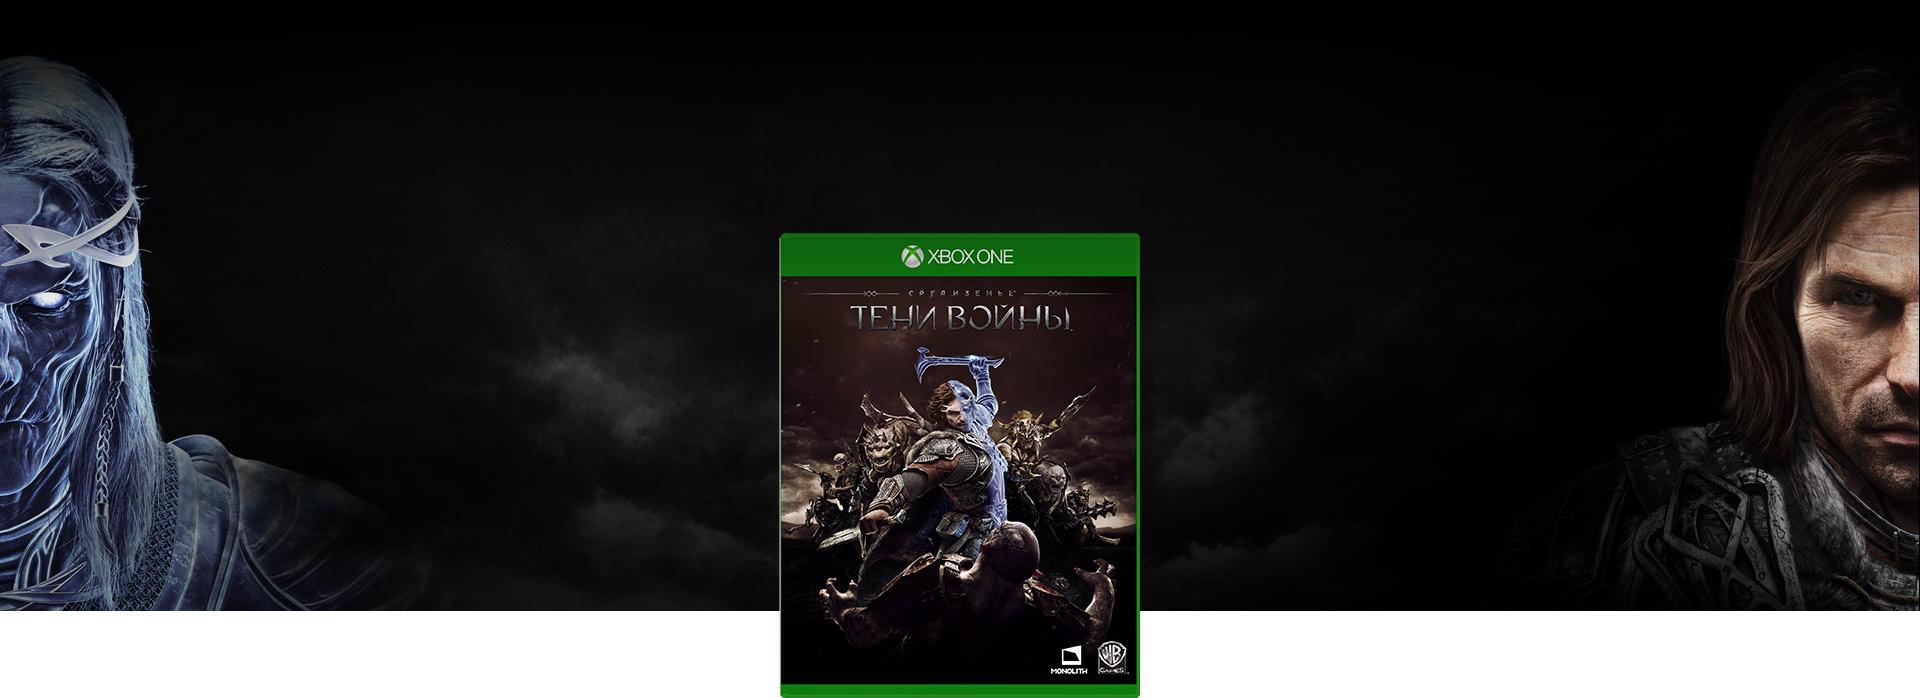 снимок обложки игры «Средиземье: Тени войны». Настоящее и призрачное лица Талиона друг напротив друга